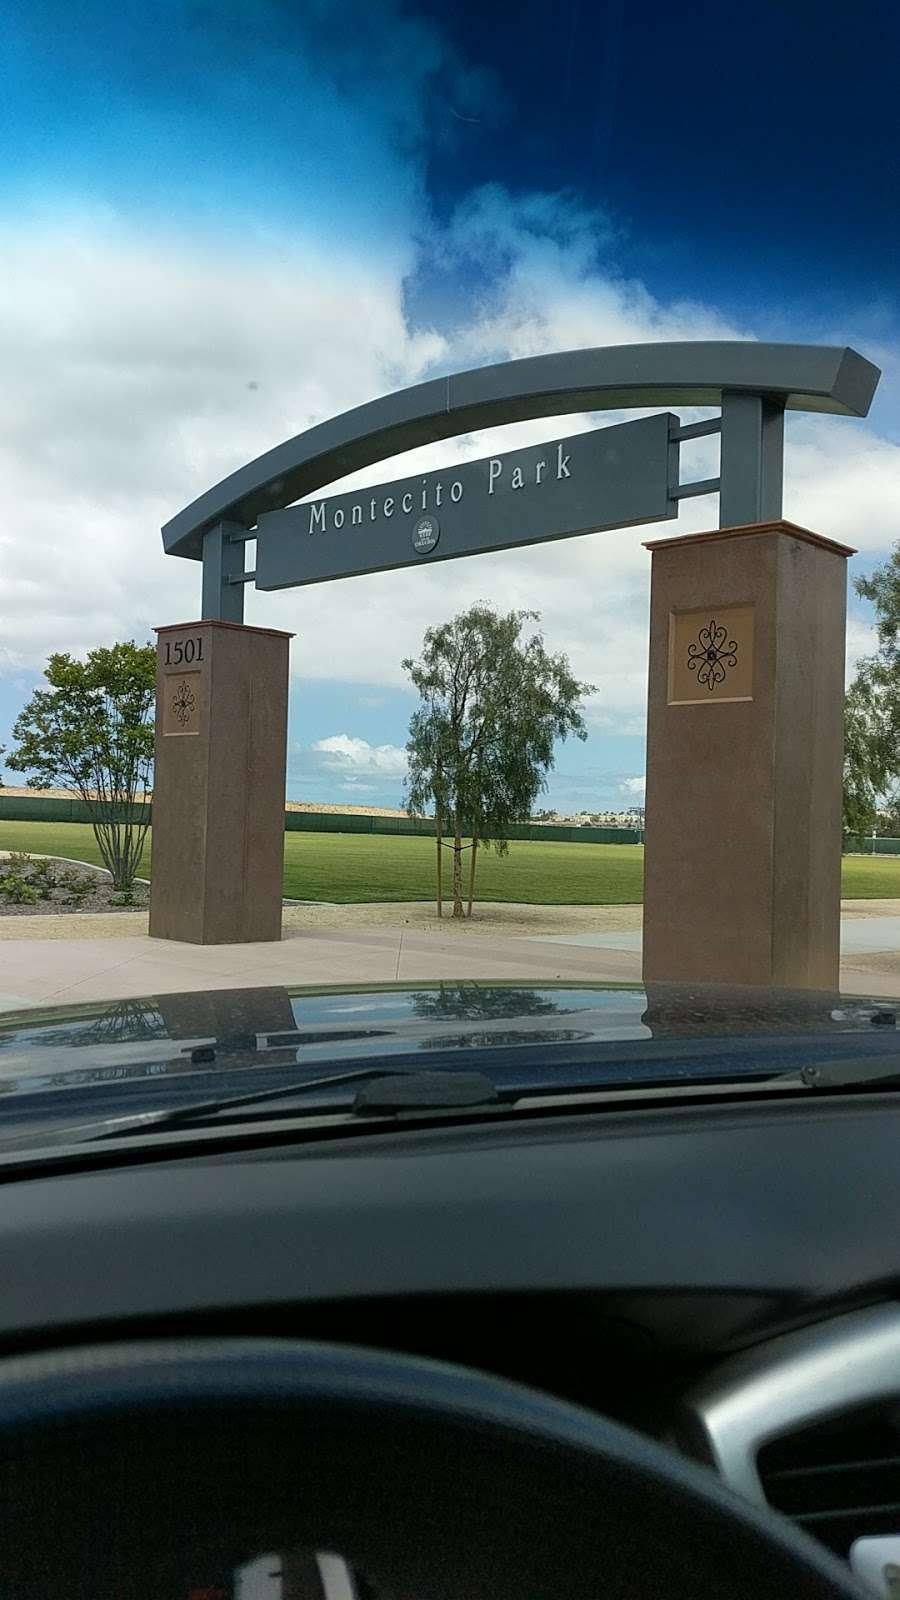 Montecito Park - park  | Photo 7 of 10 | Address: 16 1501 Santa Diana Rd, Chula Vista, CA 91913, USA | Phone: (619) 397-6000